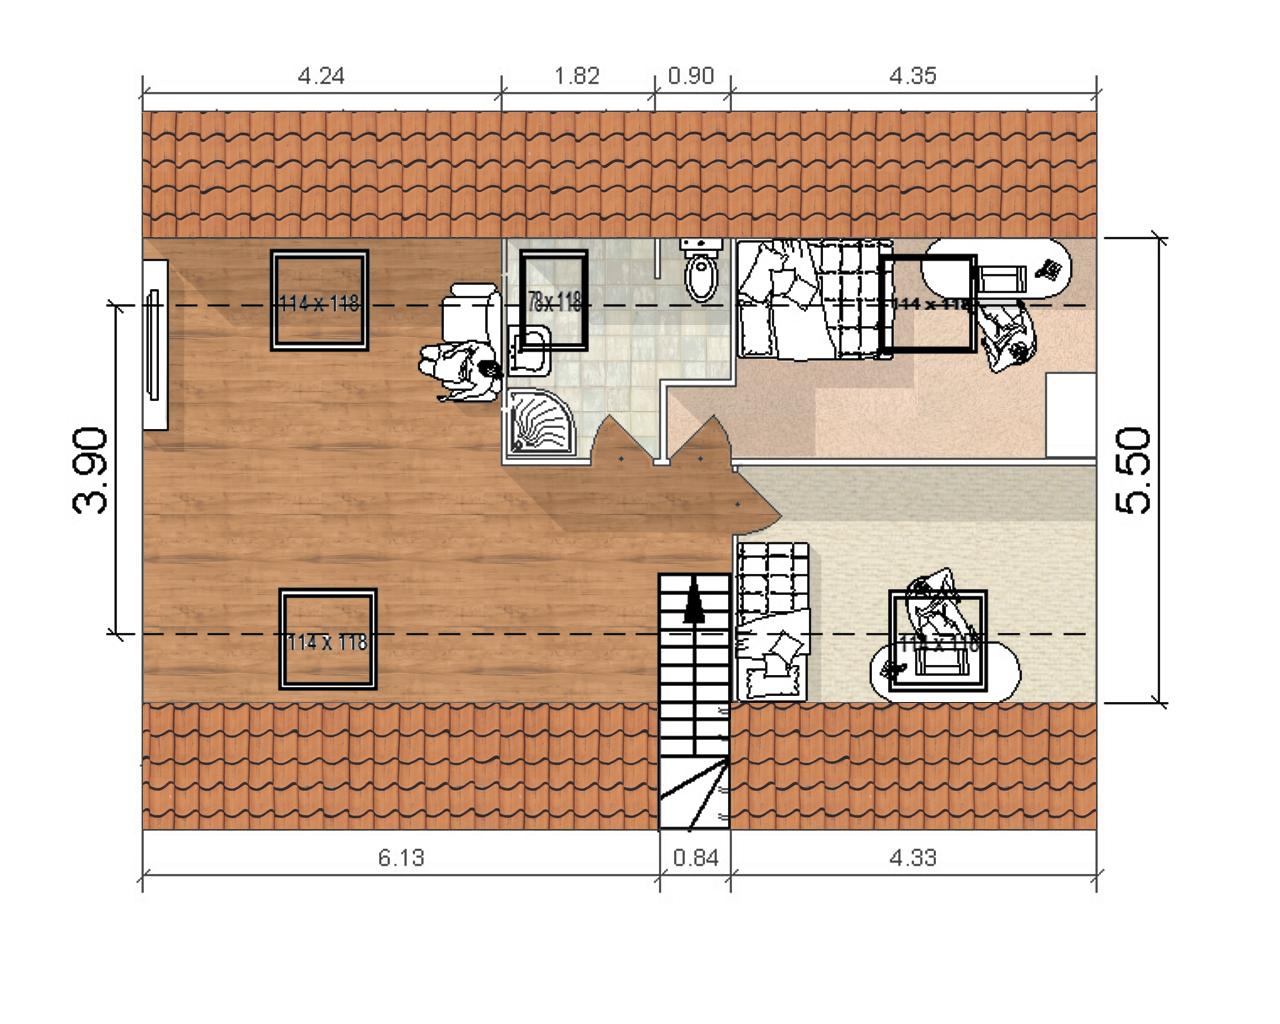 44 m de surface habitable gagn e dans les combles de for Plan de maison avec combles amenages